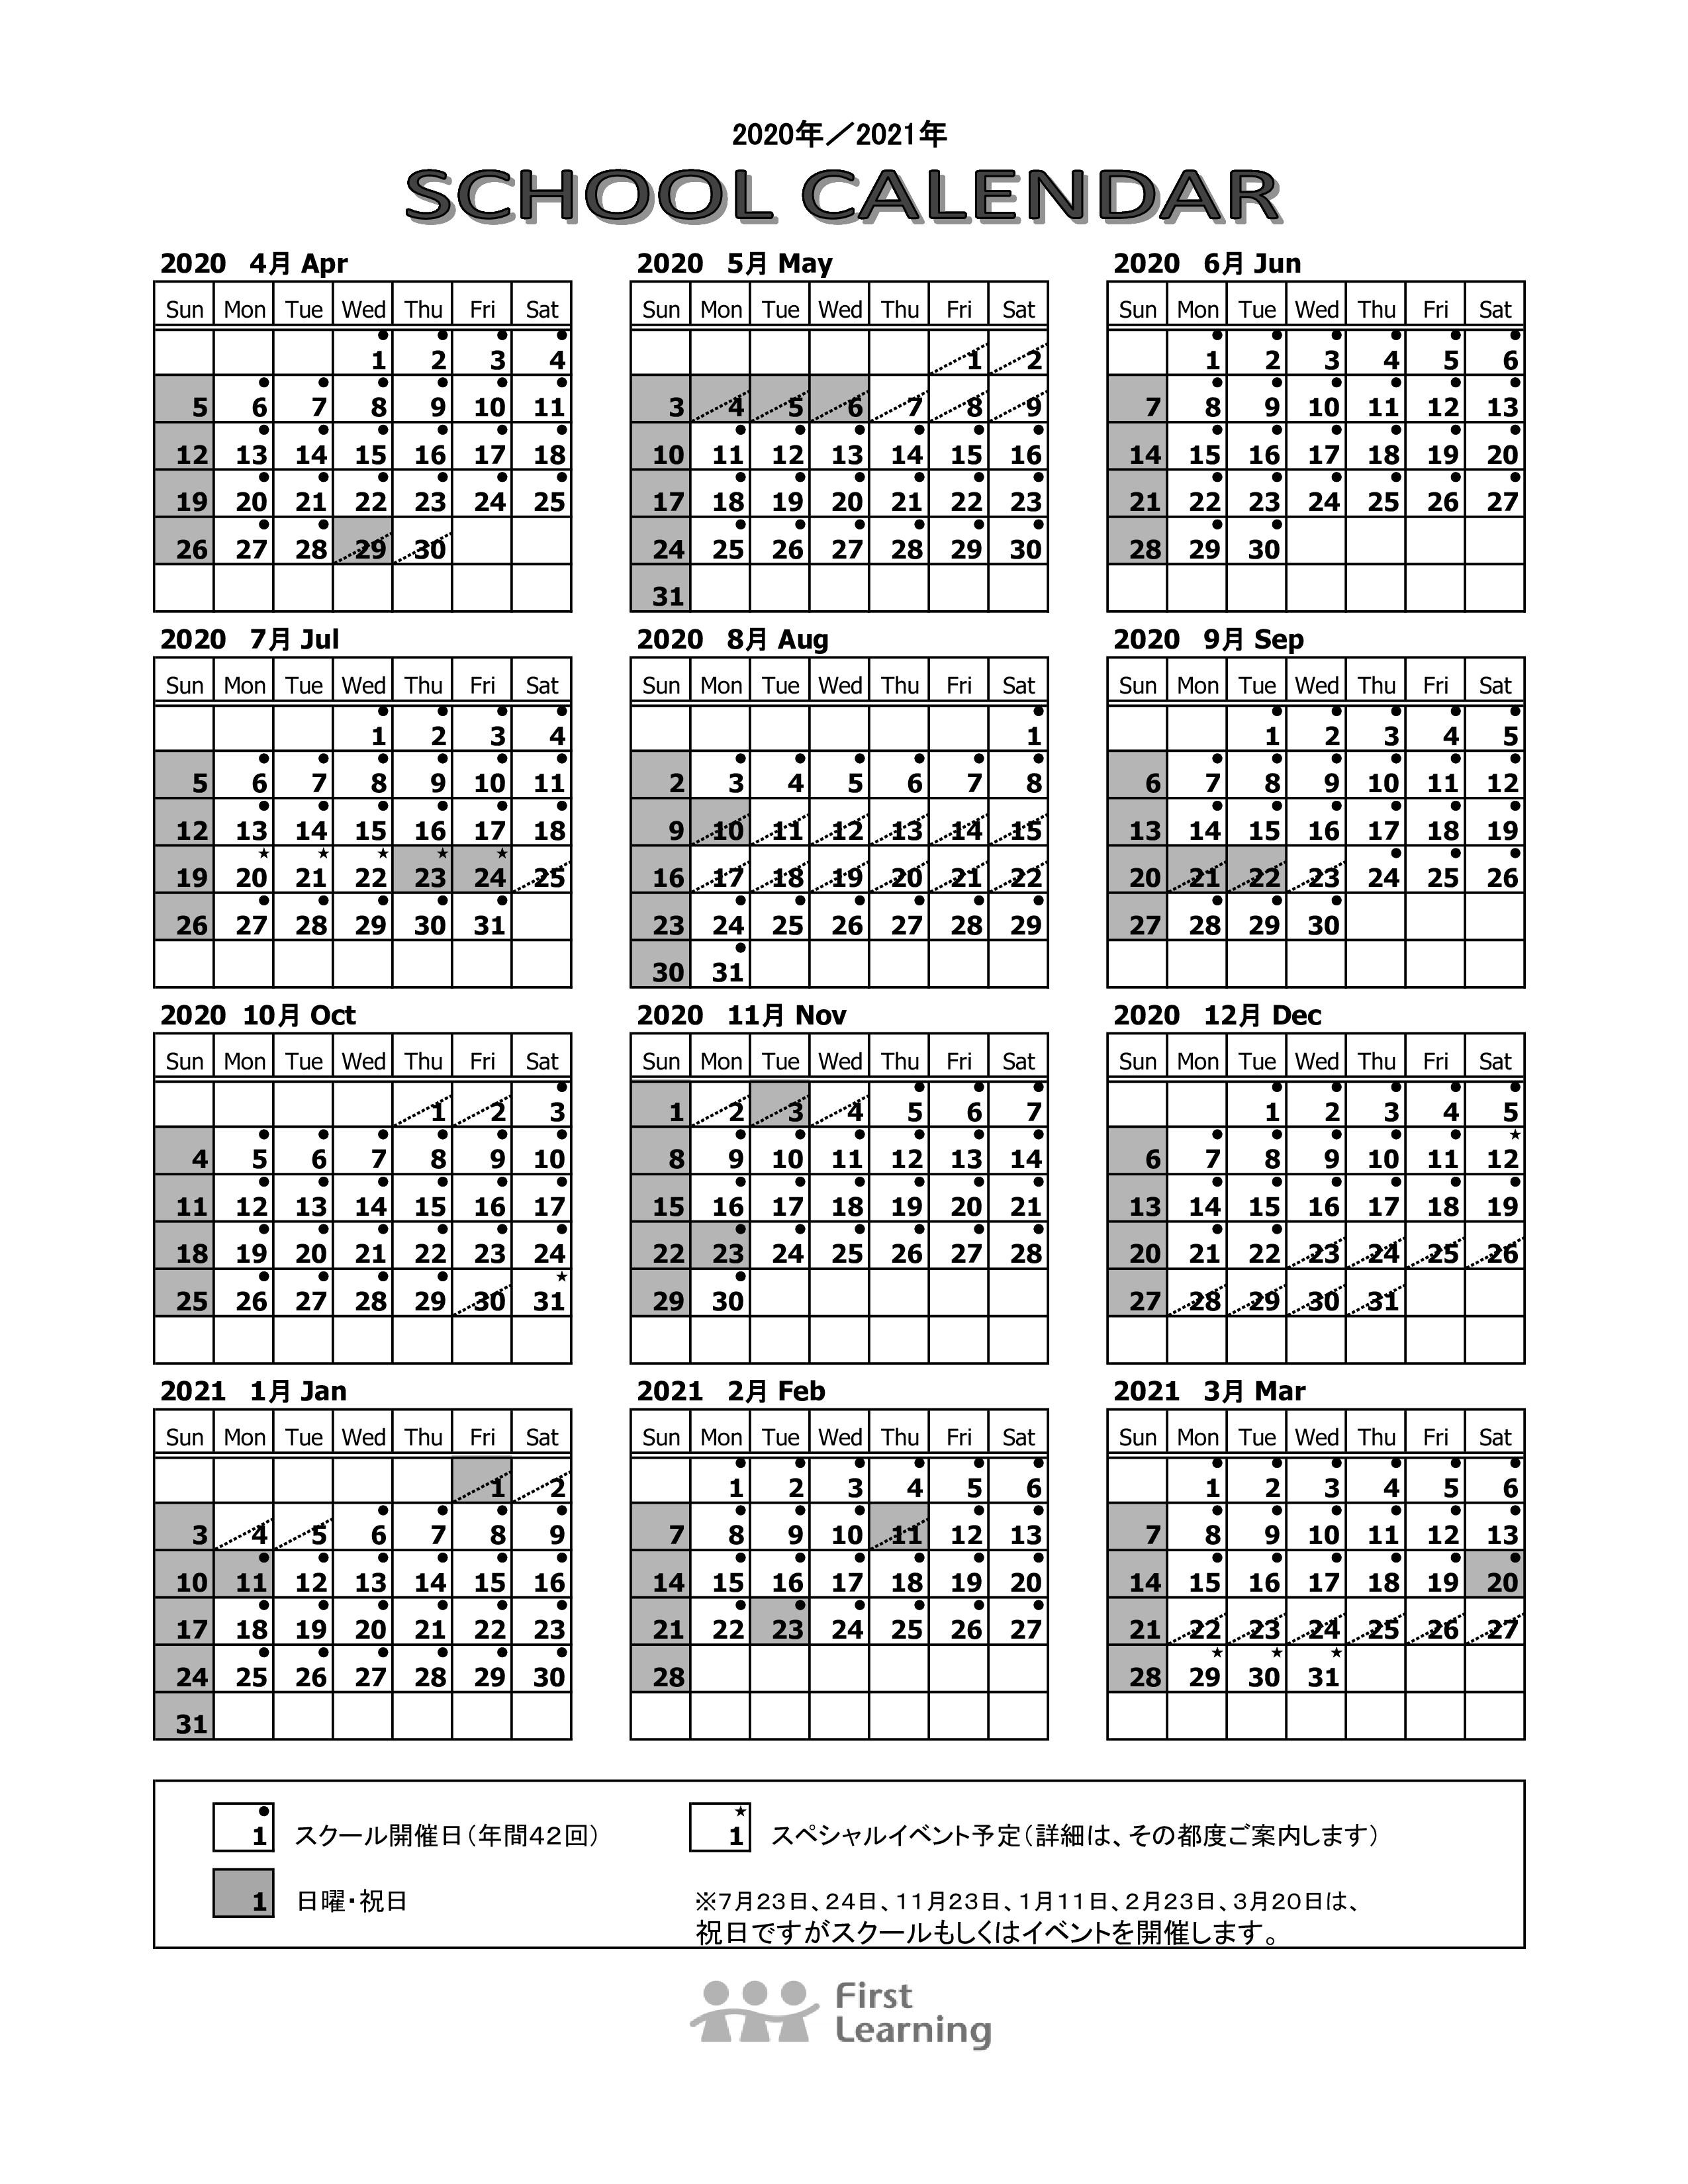 スクールカレンダー 【2020年度】New(FL)-NEC-PCuser-PC-変換済み_001